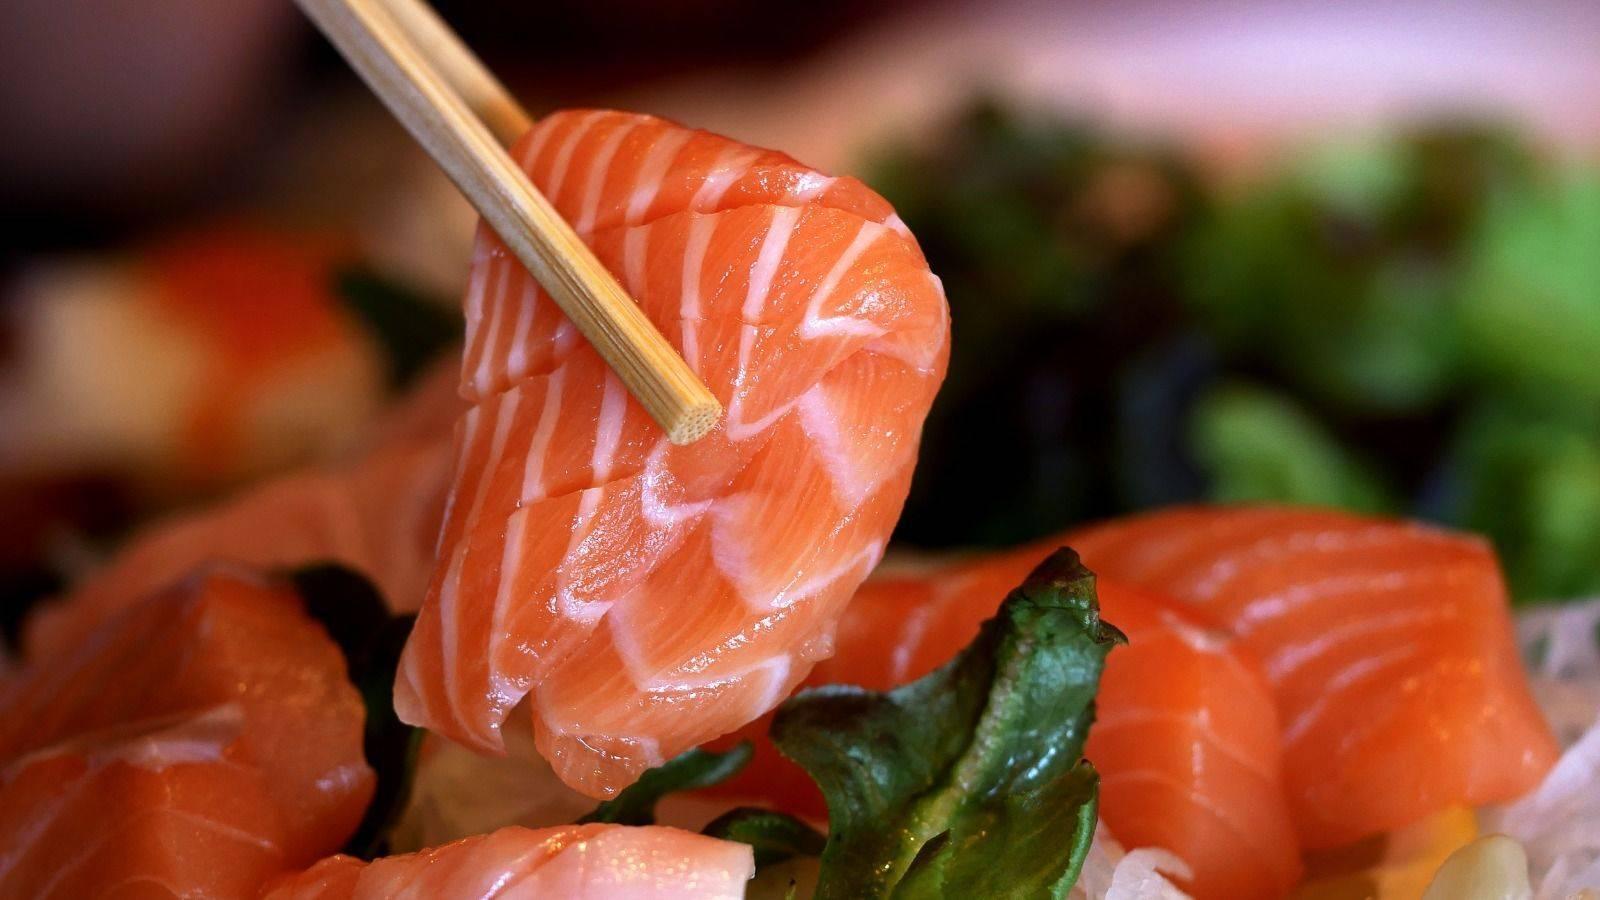 魚生,寄生蟲,三文魚,袁國勇,食物中毒,海獸胃線蟲